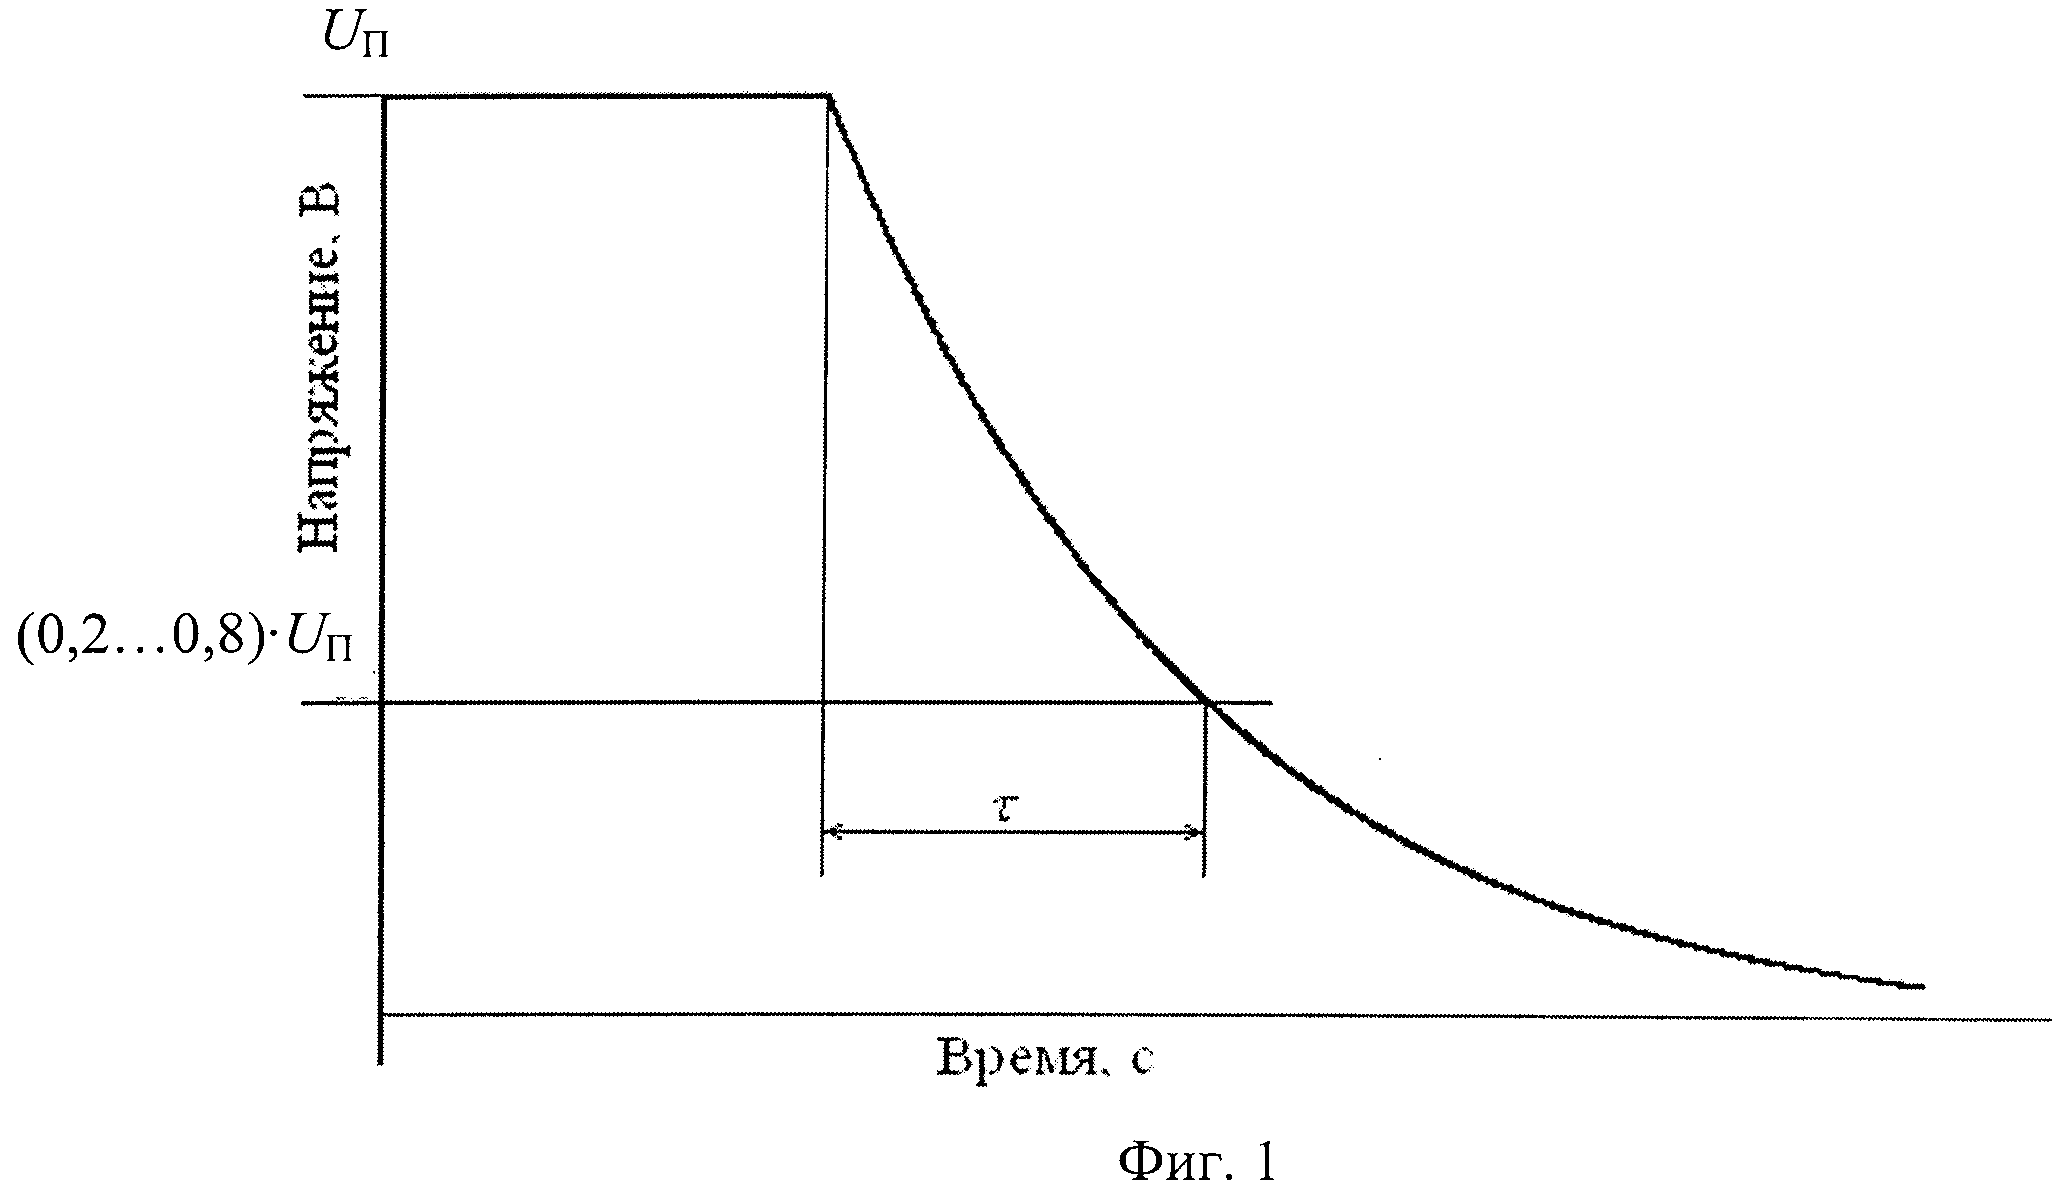 Способ определения толщины покрытия в ходе процесса плазменно-электролитического оксидирования